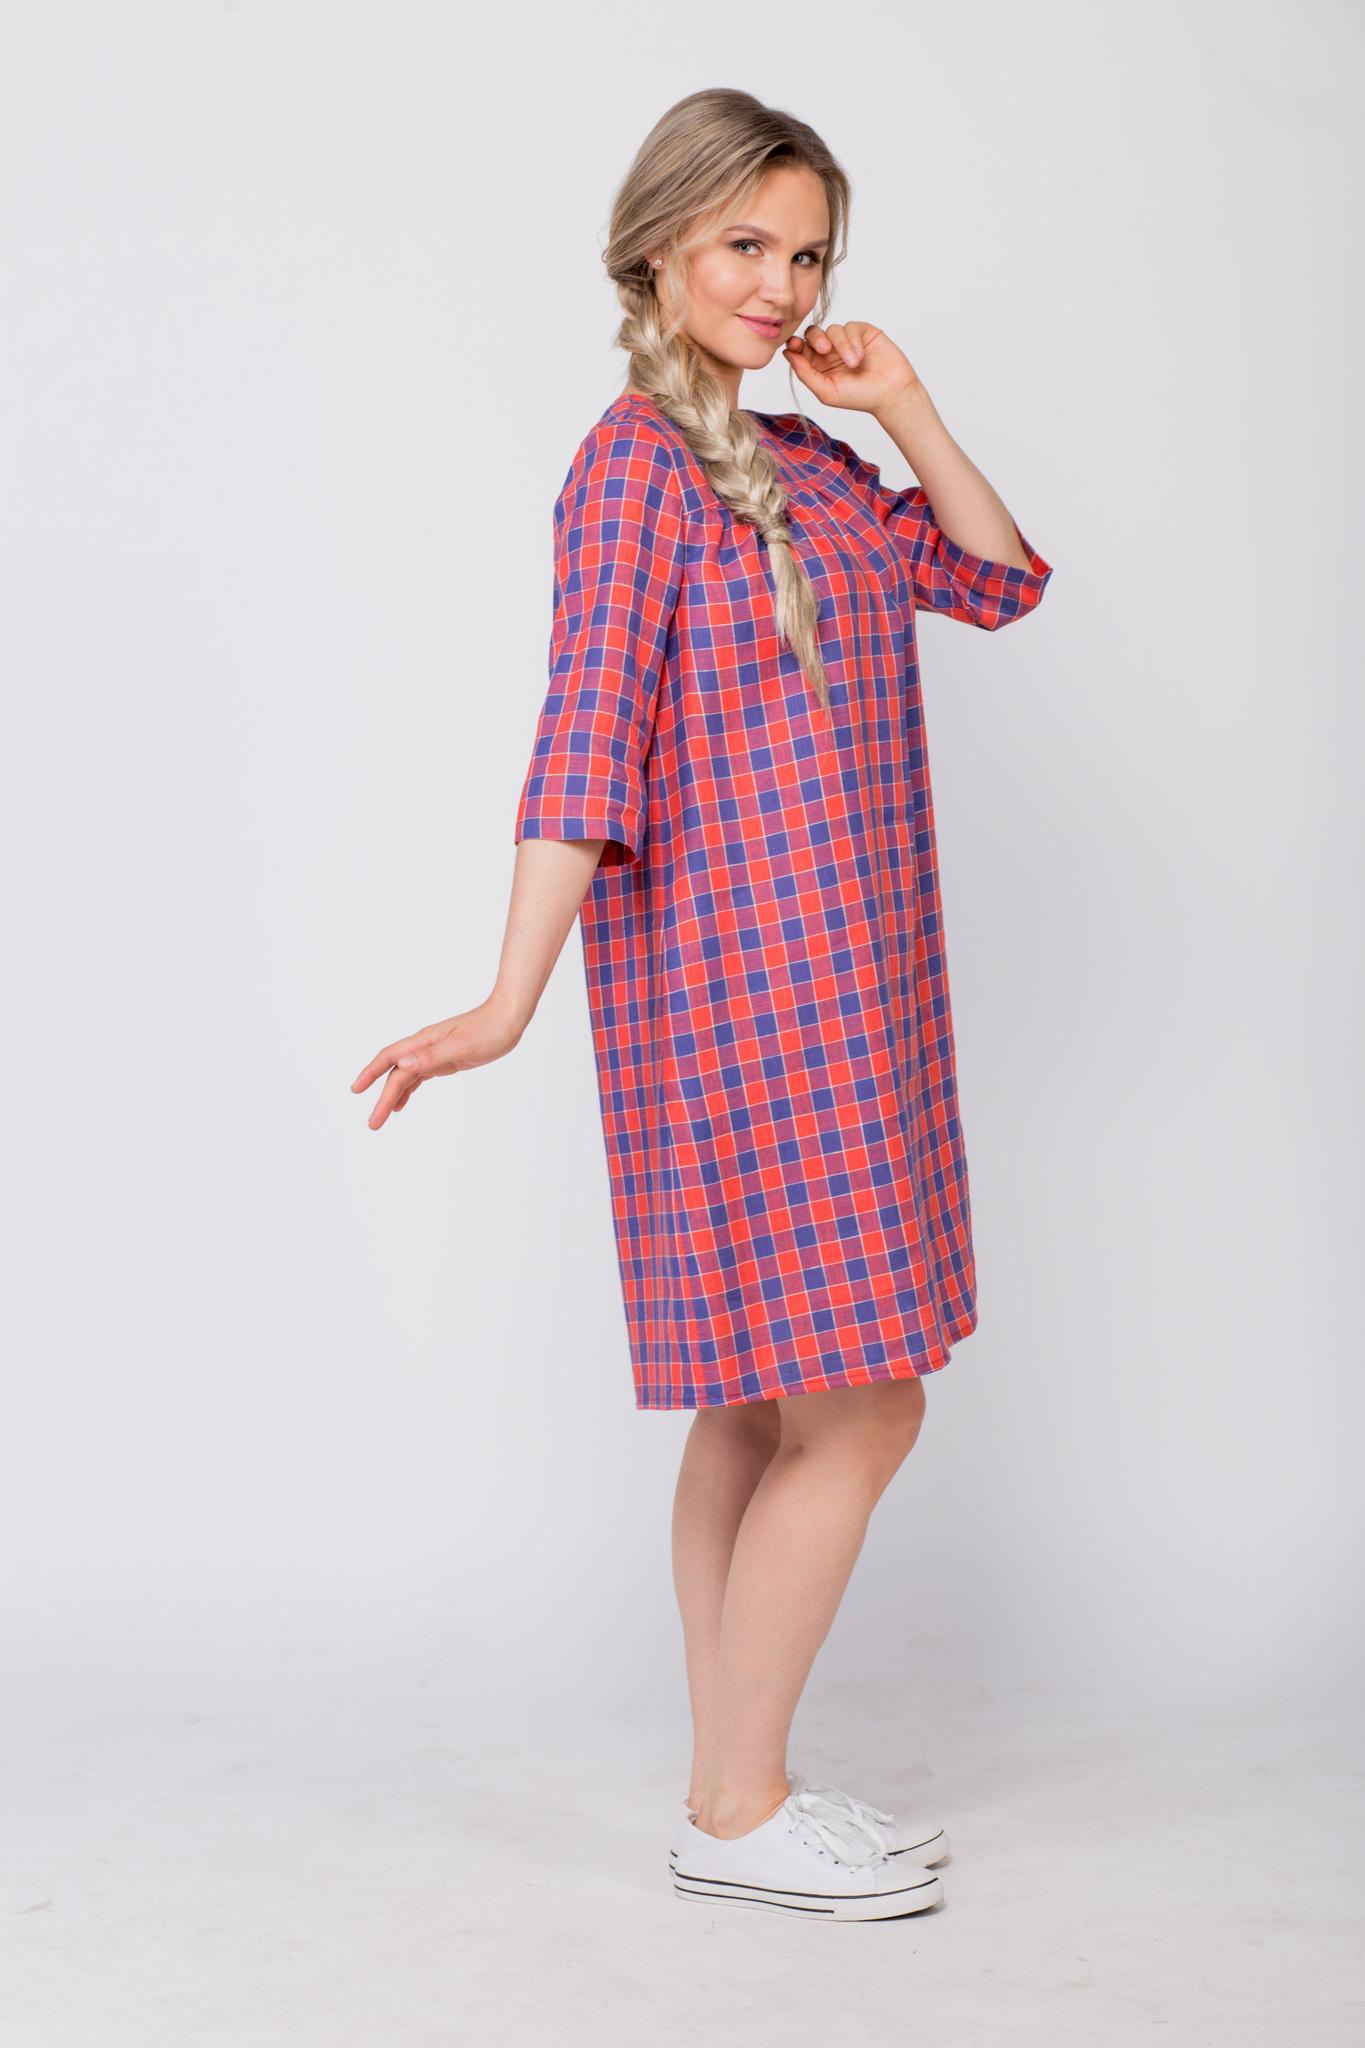 Платье льняное Хобби вид сбоку